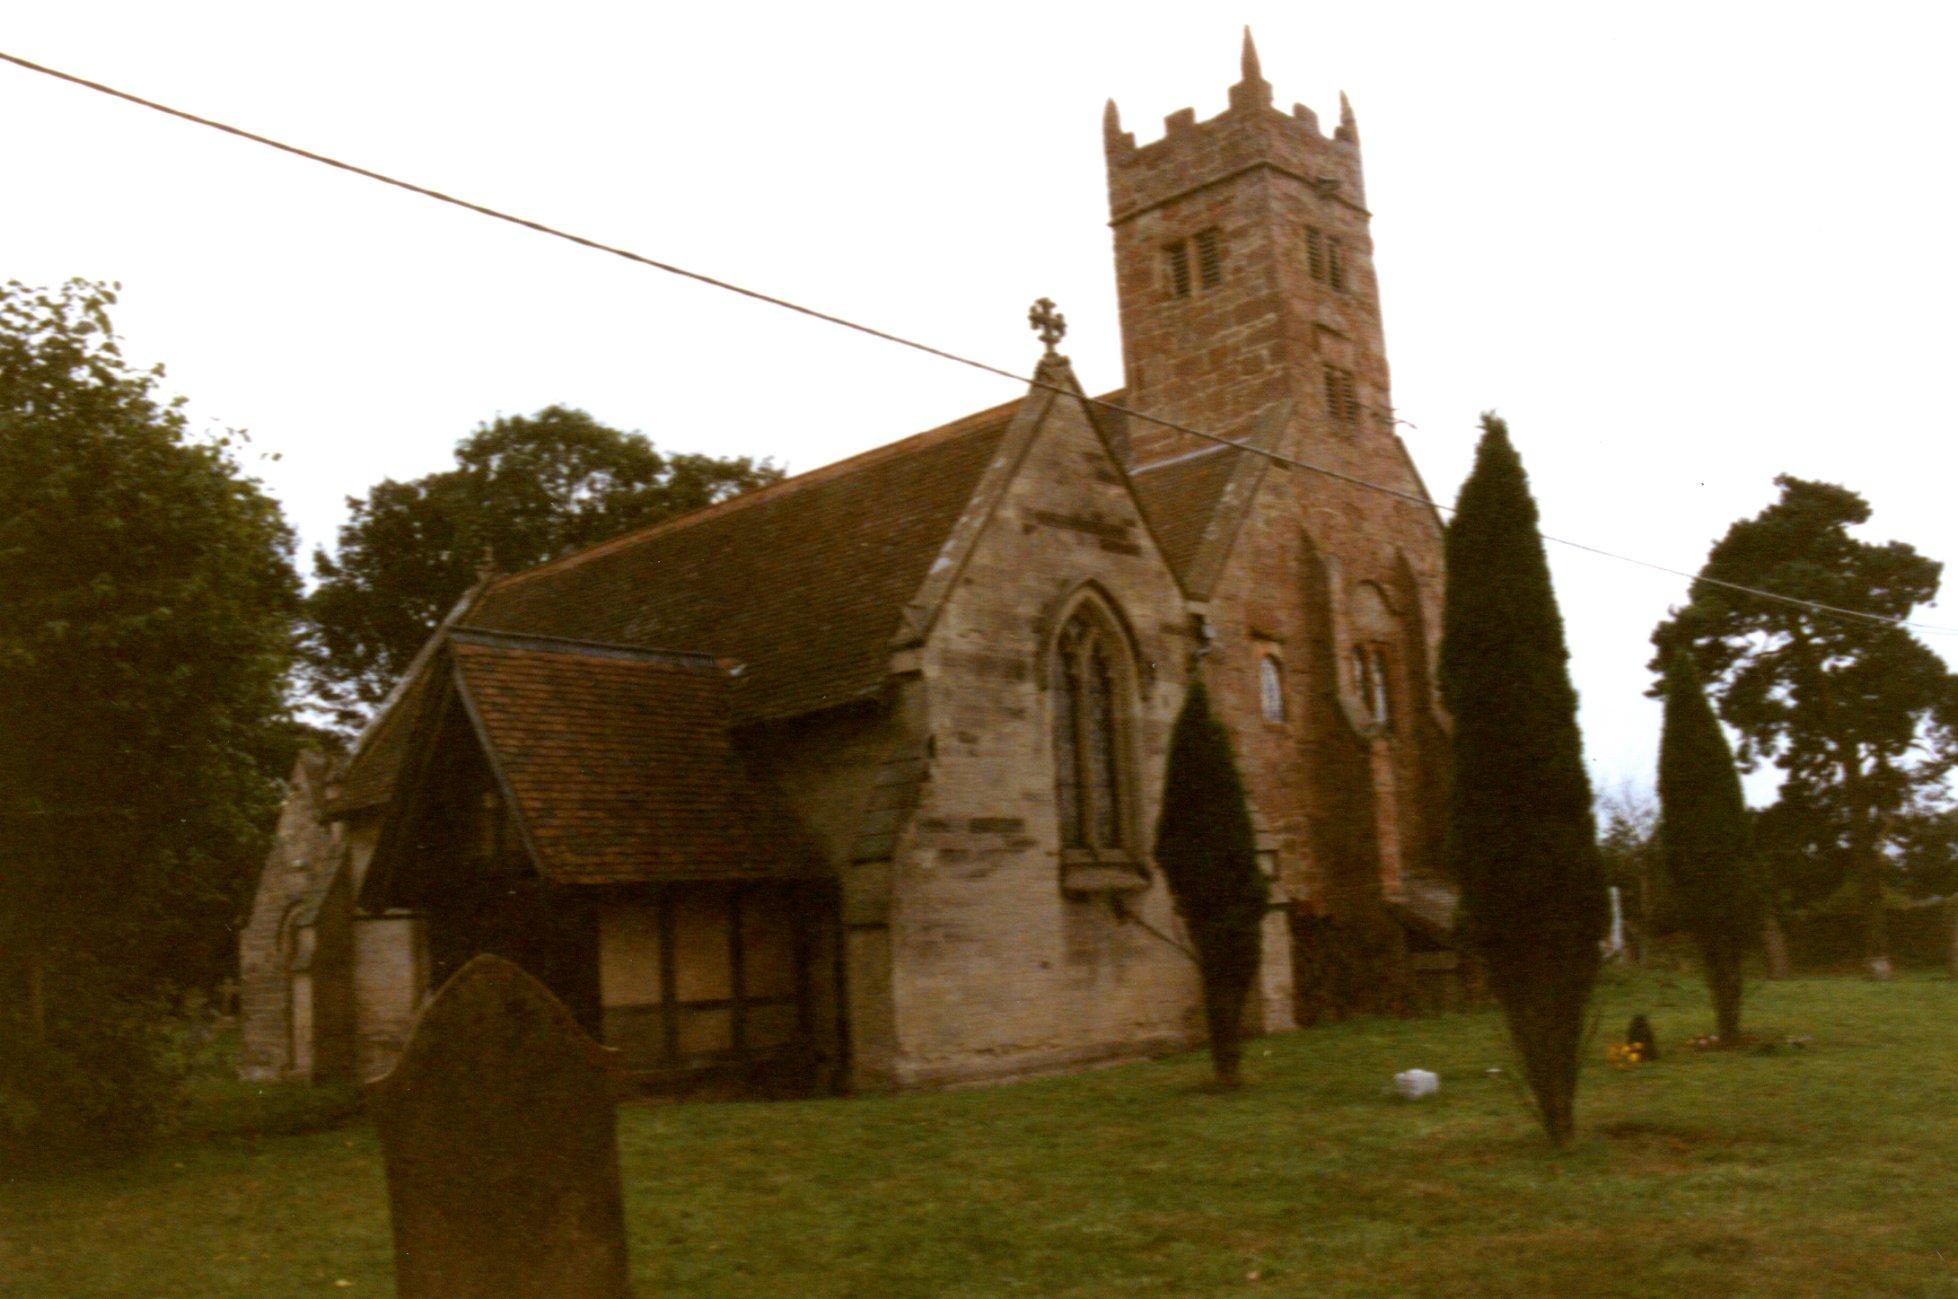 Baxterley Church